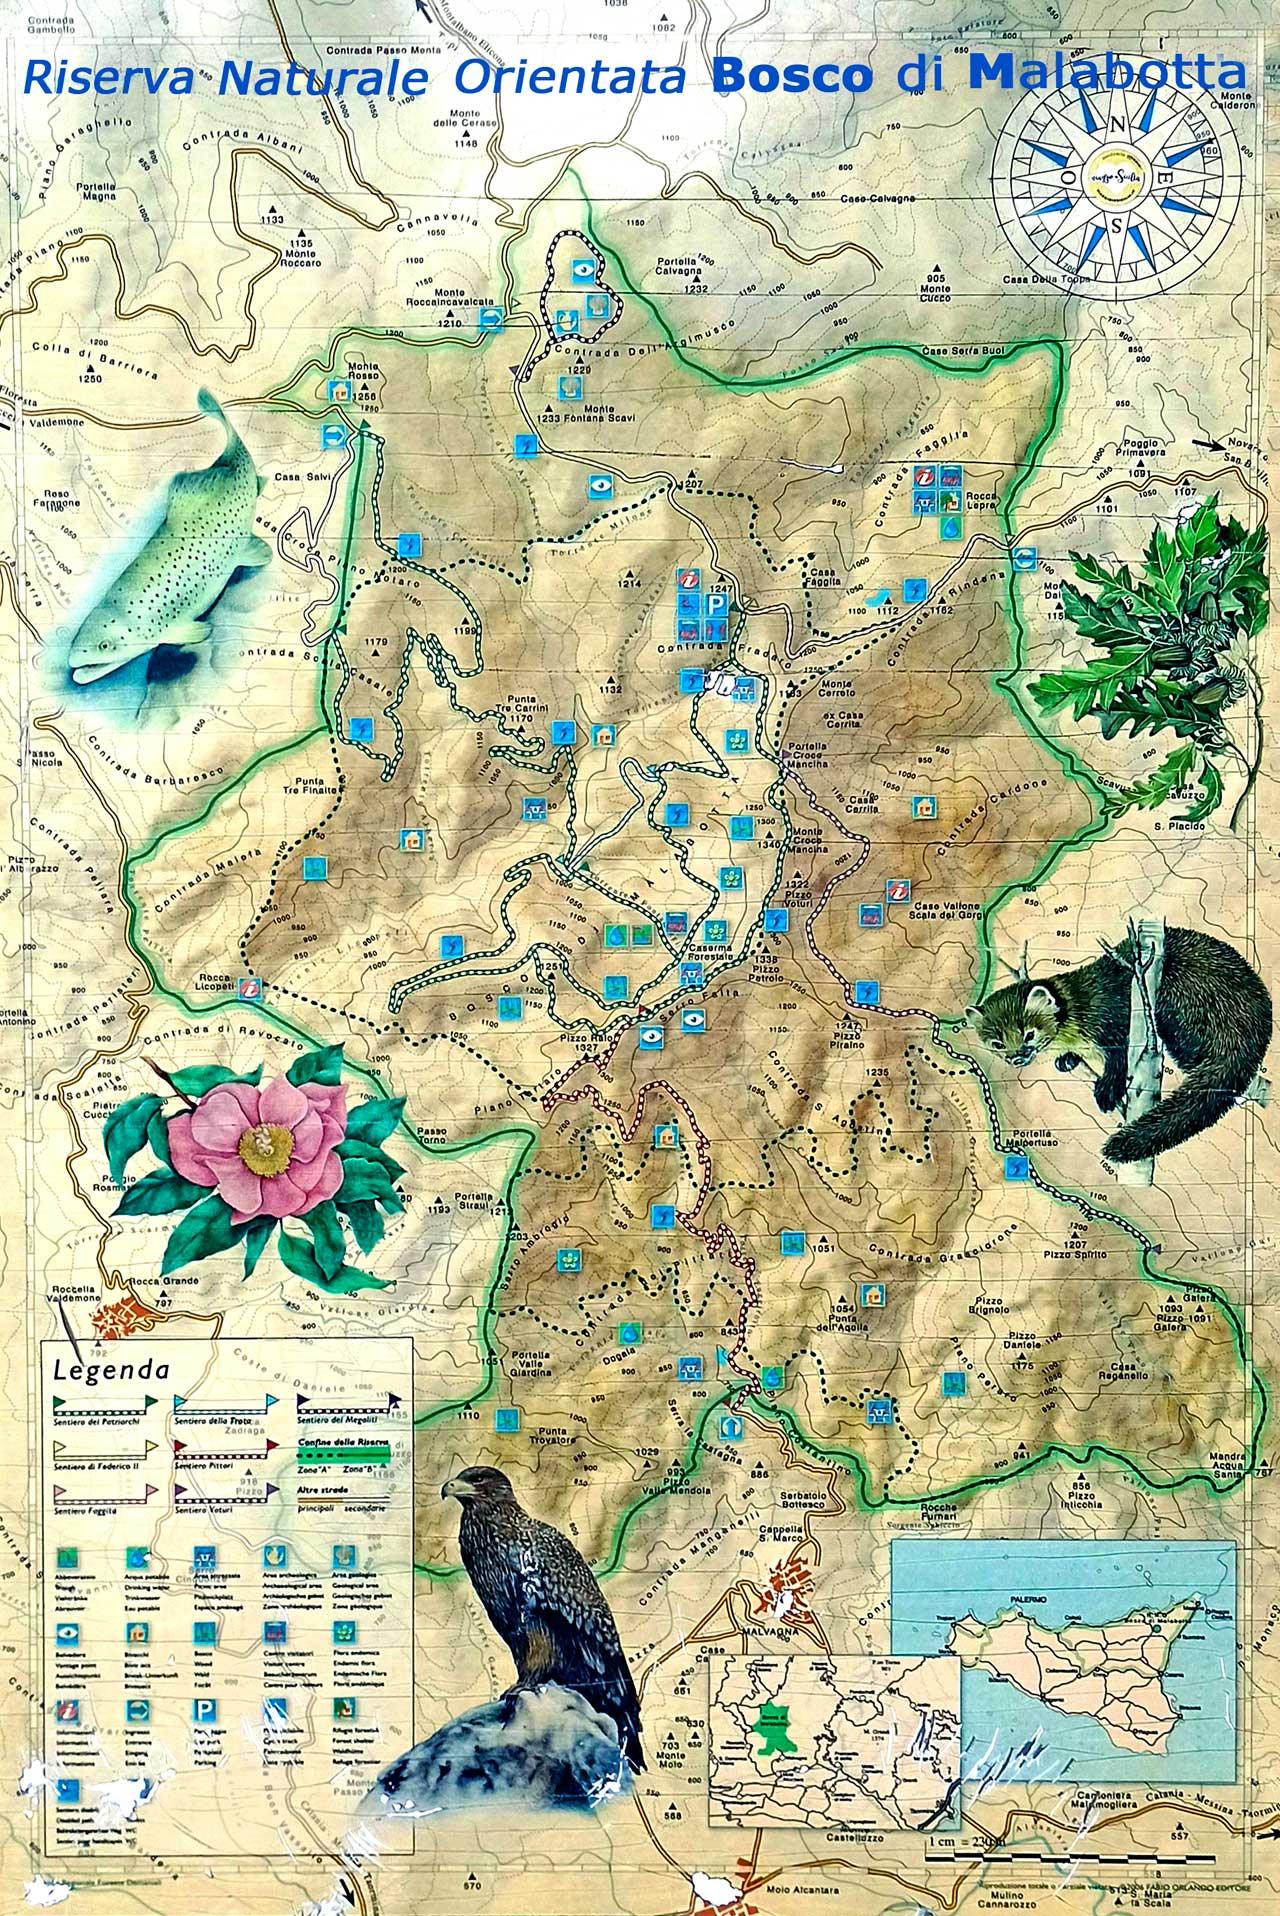 Mappa della Riserva Naturale Orientata-Bosco di Malabotta